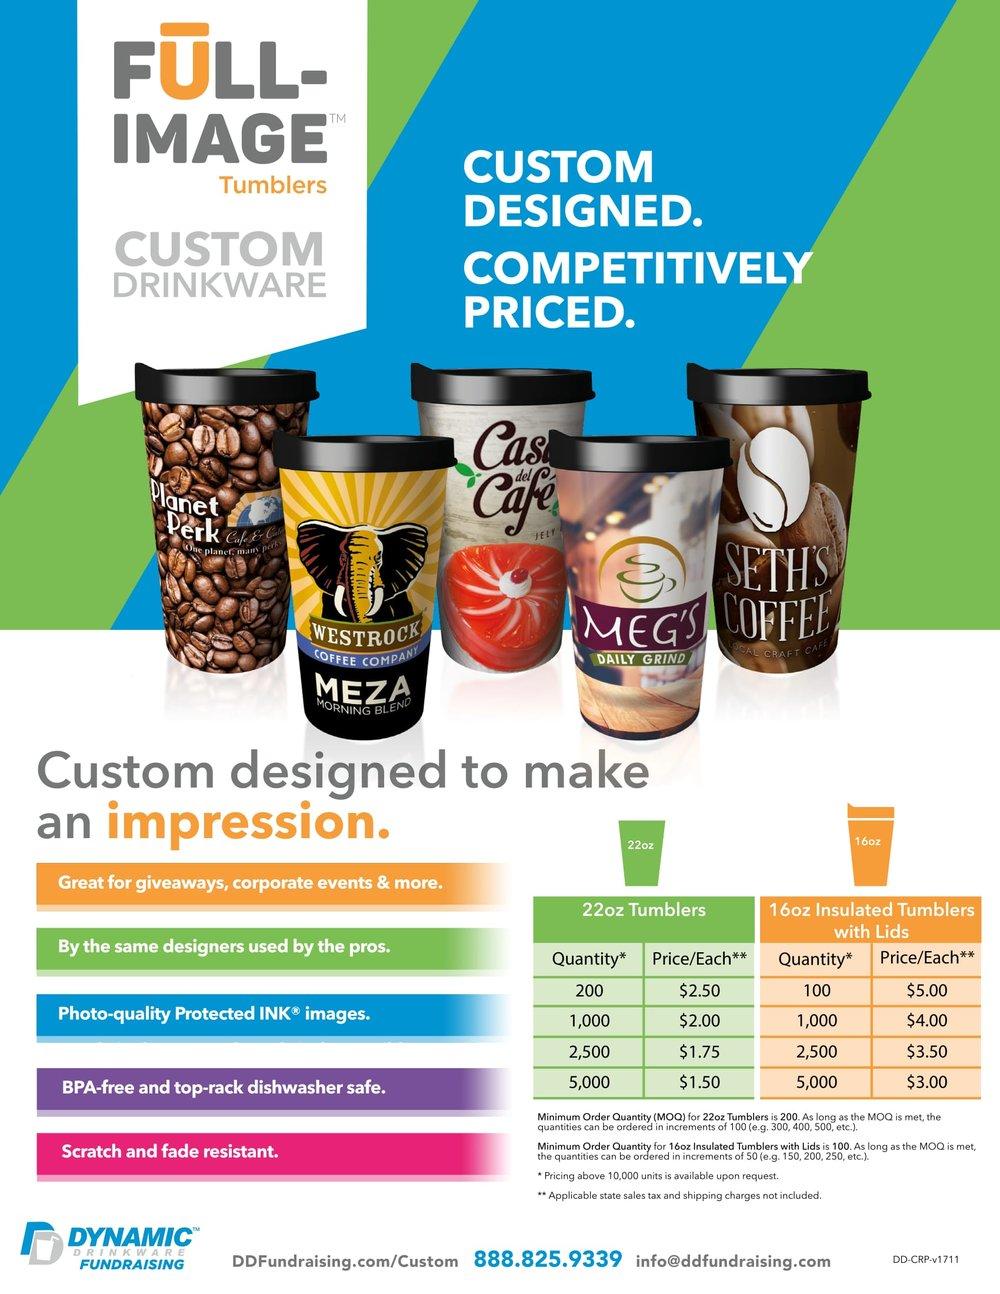 Custom-Drinkware-Coffee-1.jpg